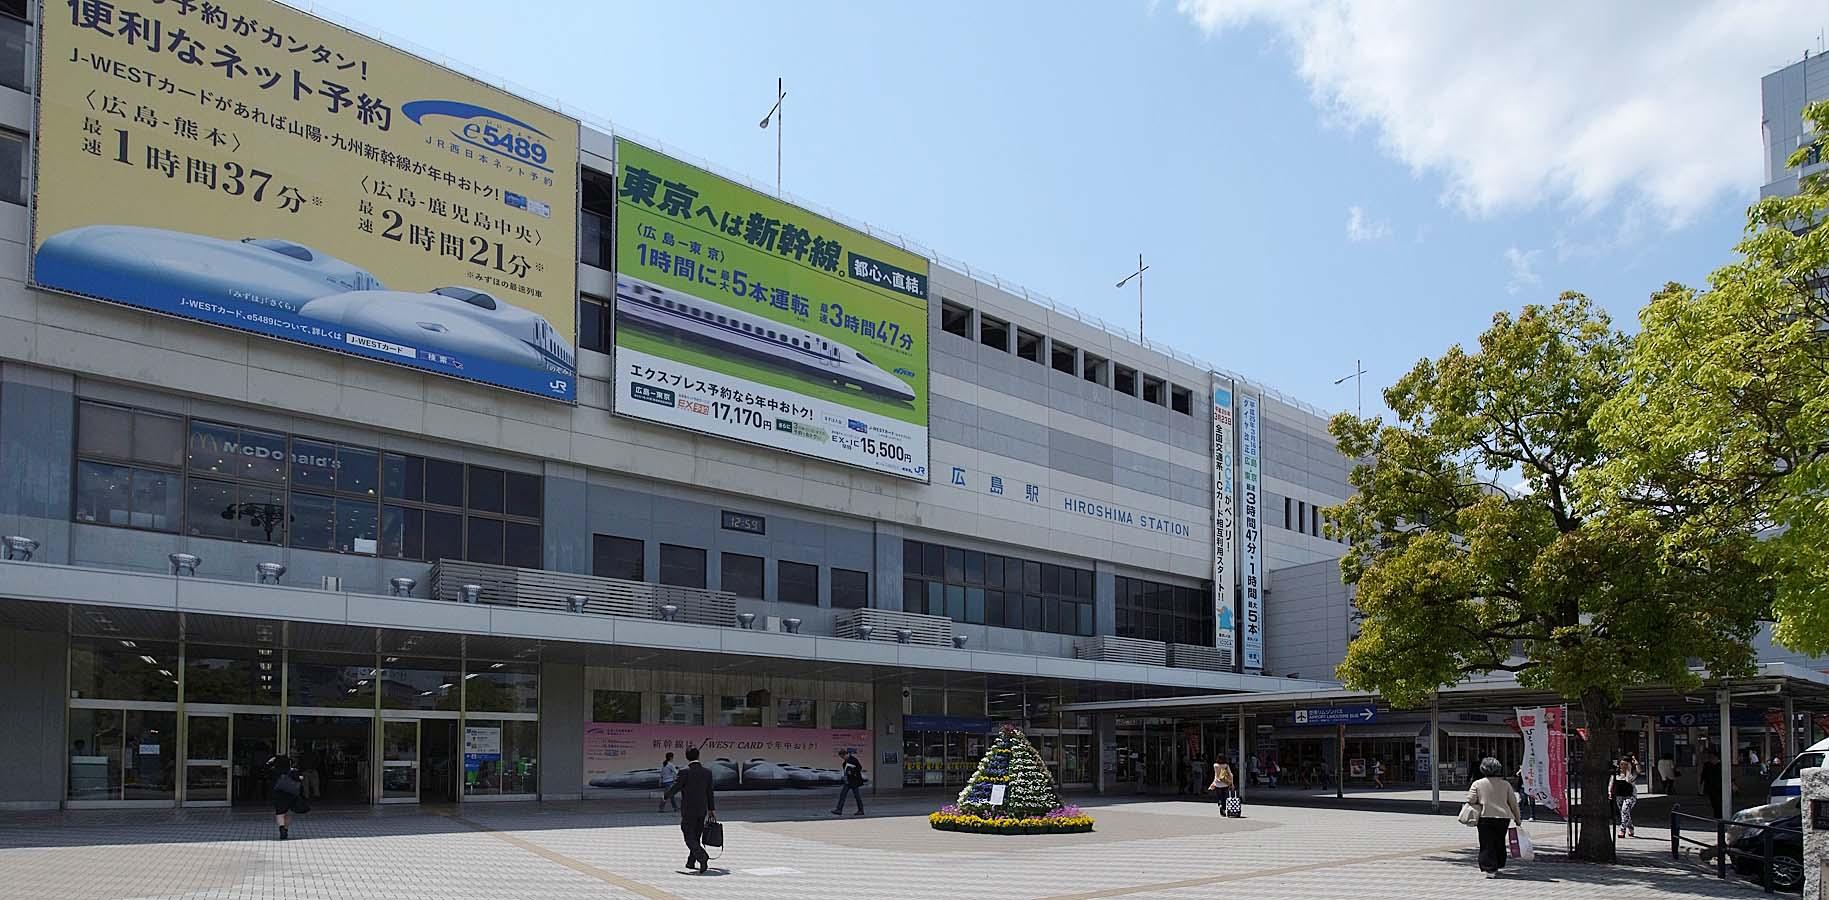 広島駅周辺で荷物を預けられるecbo cloak加盟店人気トップ5!コインロッカー代わりに活用しよう